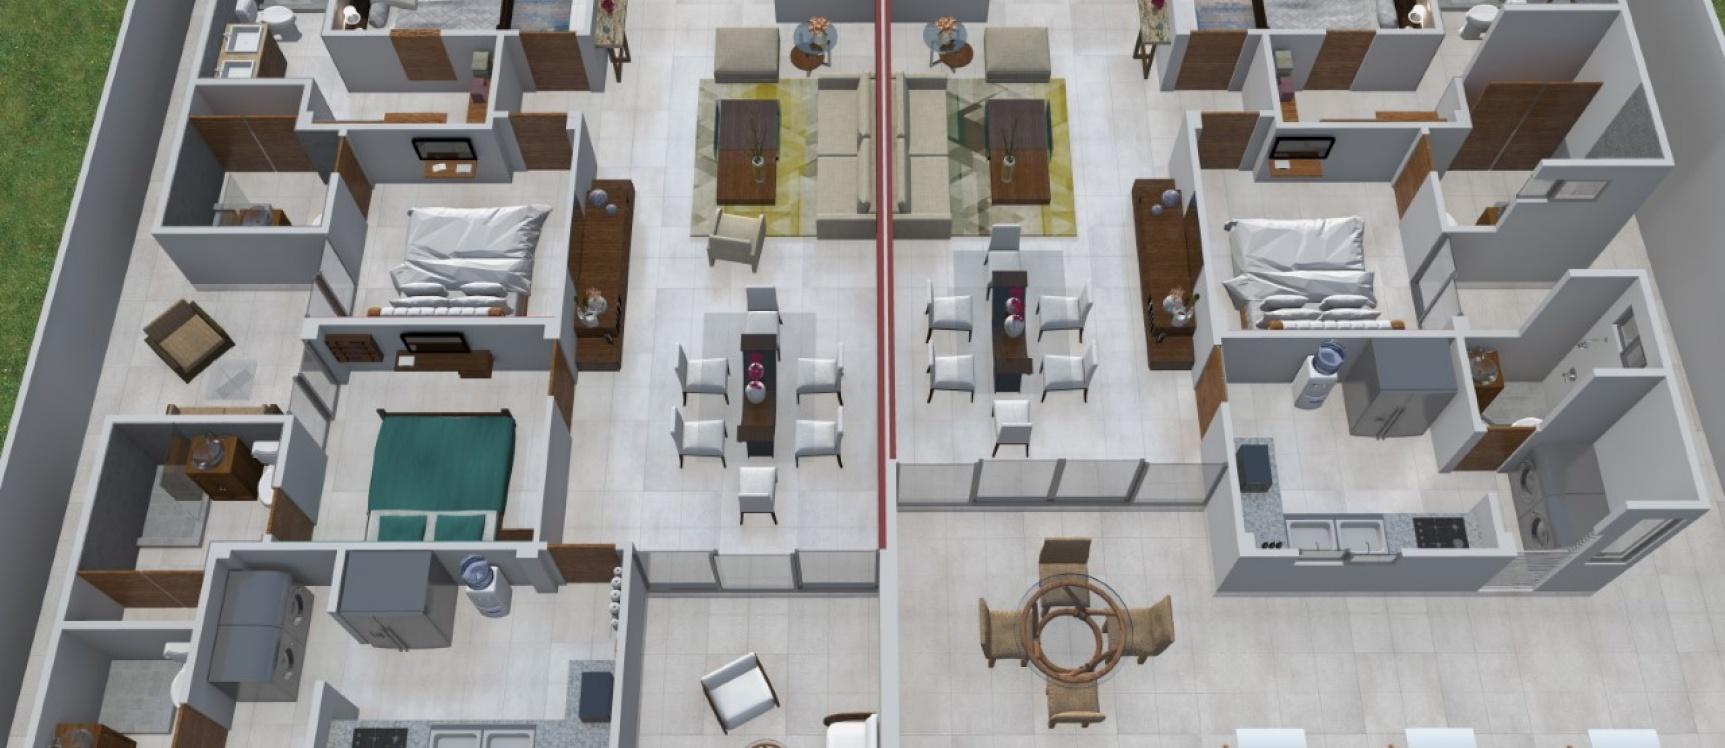 GeoBienes - Departamento en venta sector Vía a la Costa - Plusvalia Guayaquil Casas de venta y alquiler Inmobiliaria Ecuador